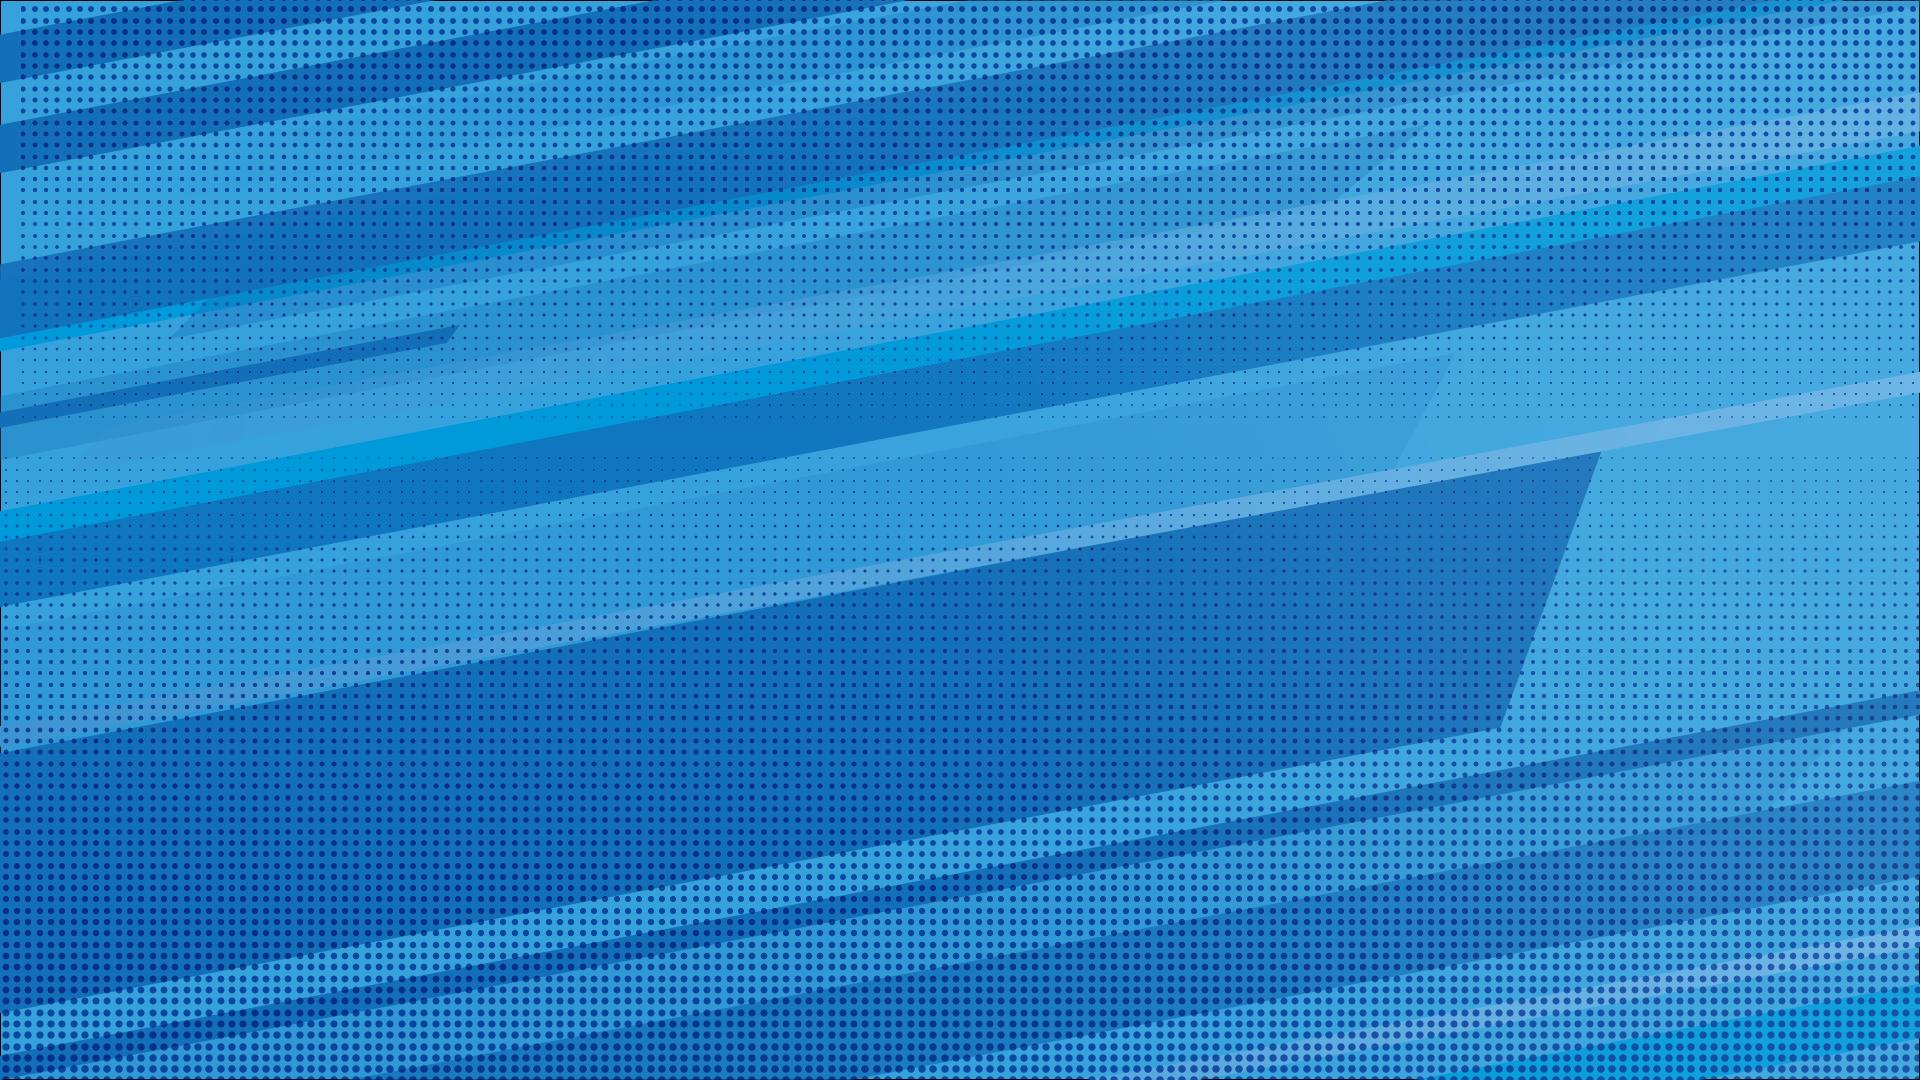 無料サムネイル素材_見出し背景用カラートーン_流れるグラデーション画像素材